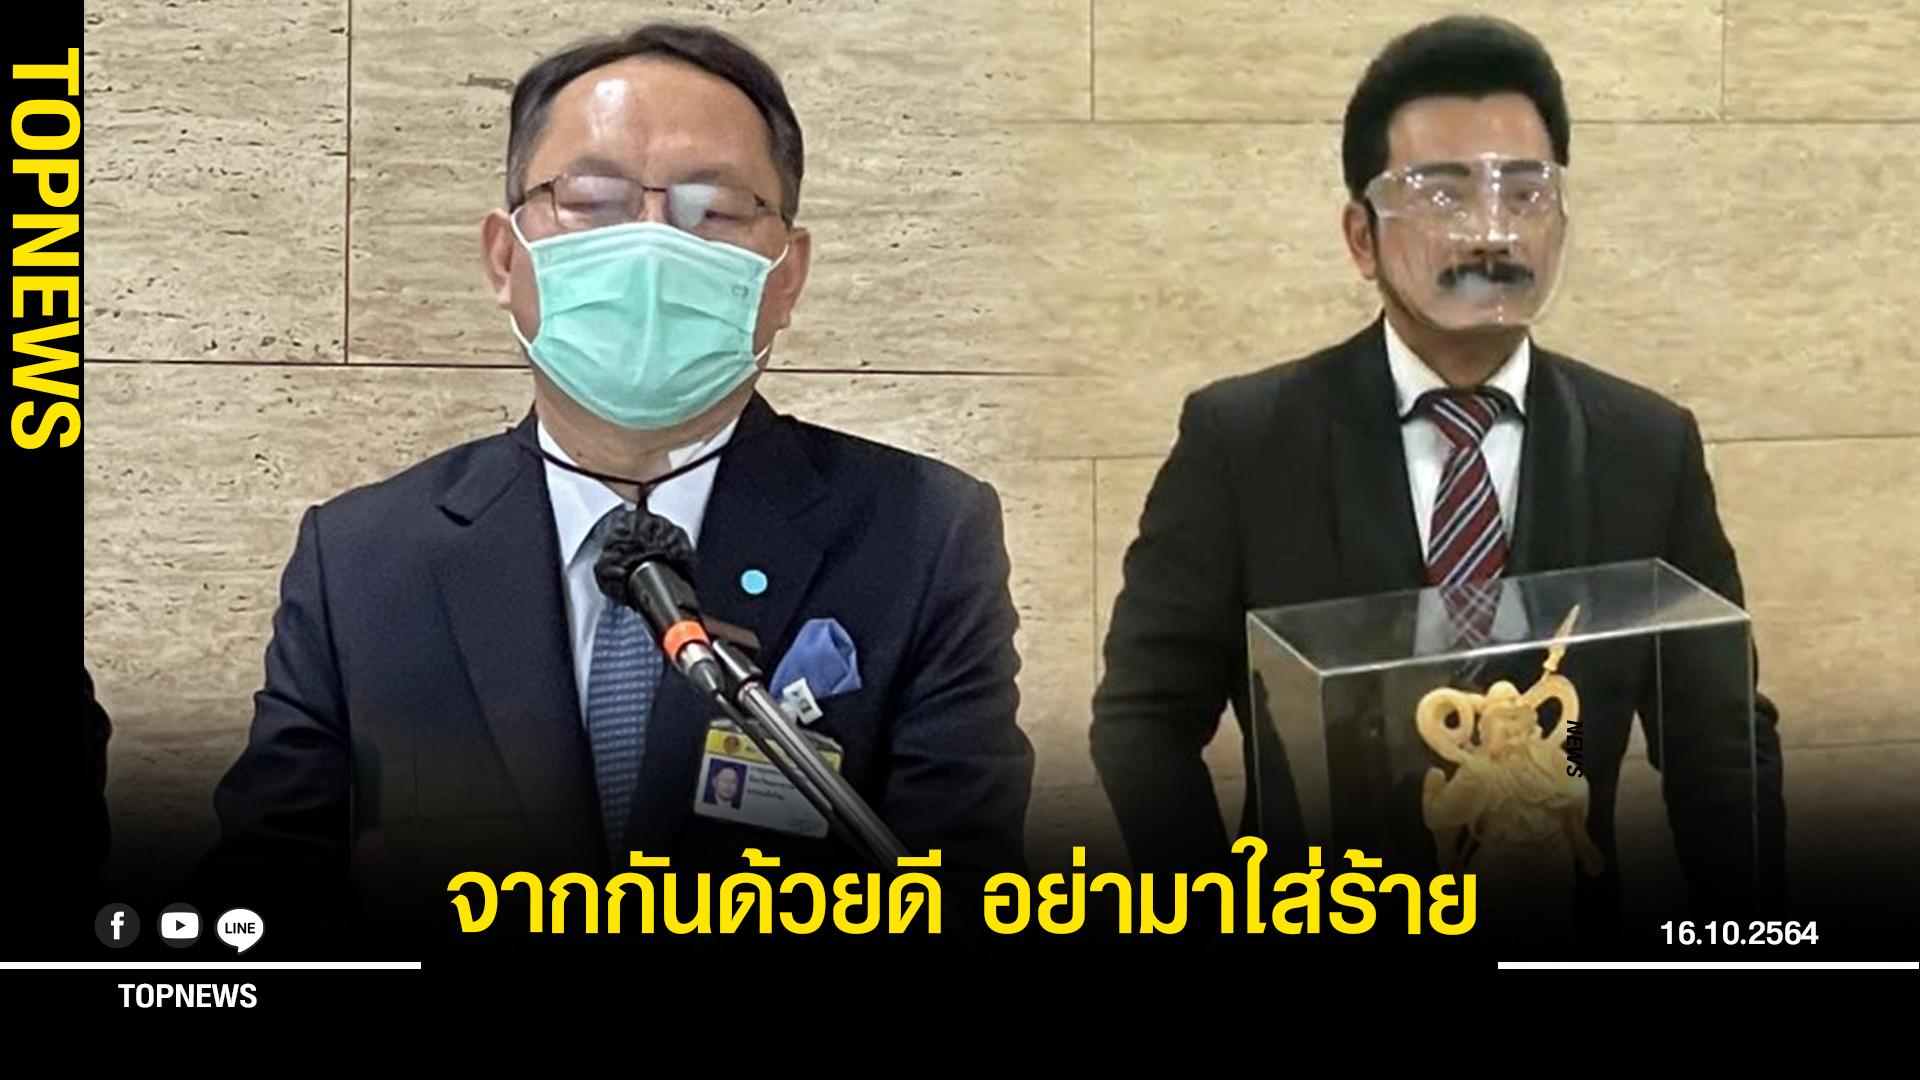 """""""ยุทธพงศ์"""" โต้ """"ศรัณวุฒิ""""ปมปีศาจห้องแอร์ในเพื่อไทย ไล่หาพรรคใหม่ให้ทัน 30 วัน"""